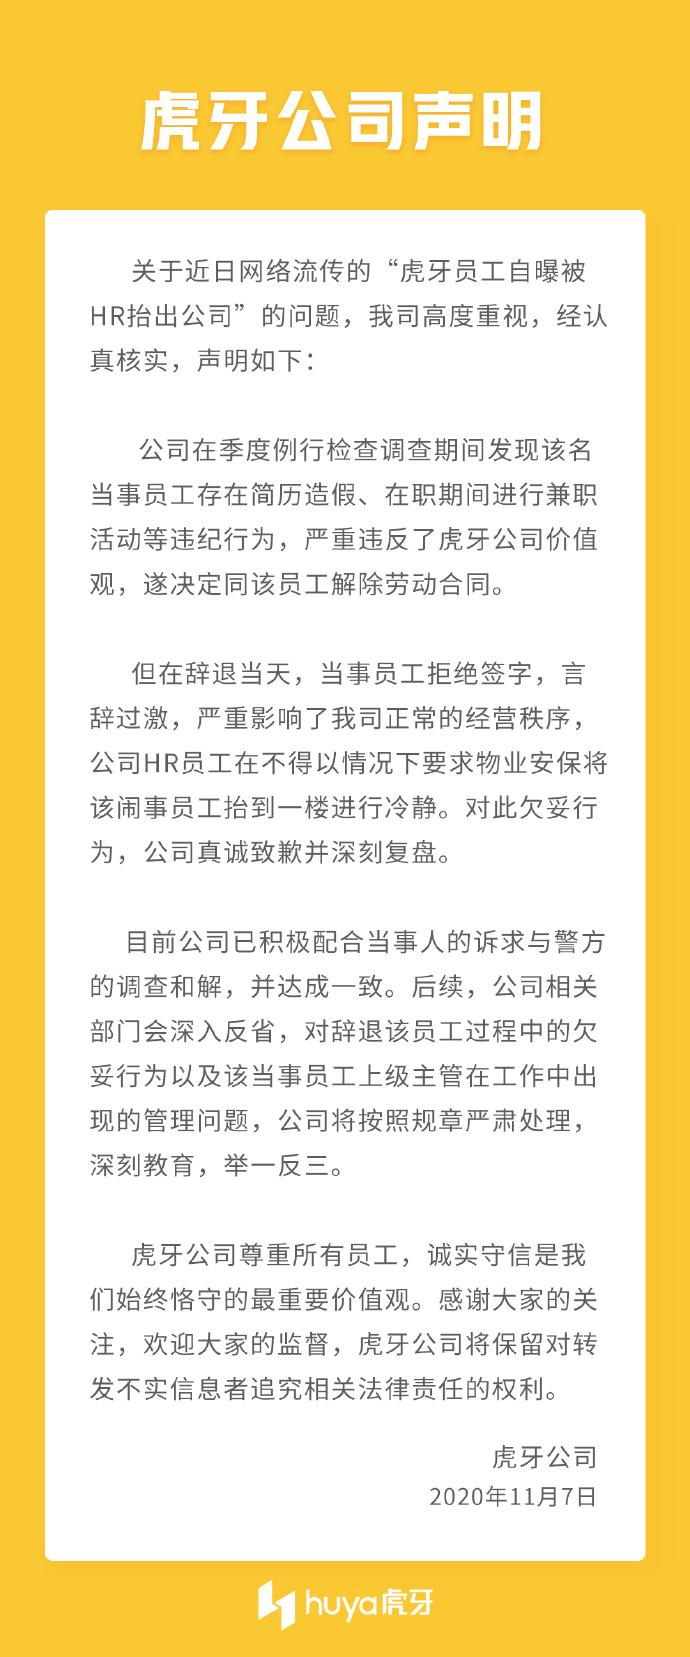 员工自曝被HR抬出公司 虎牙公开道歉